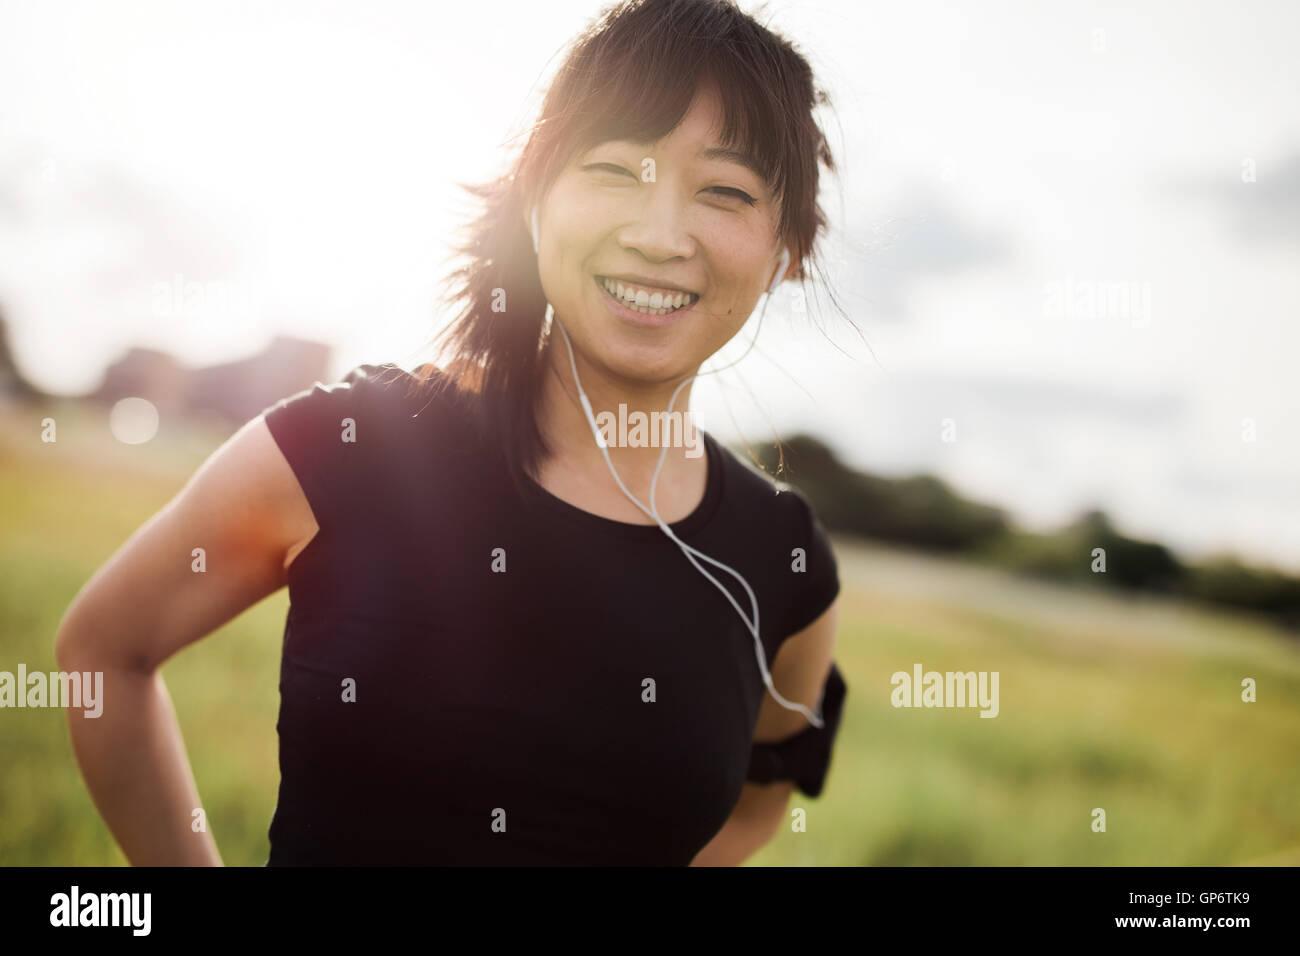 Ritratto di donna felice in esecuzione in piedi all'aperto e sorridente alla fotocamera. Cinese modello femminile Immagini Stock